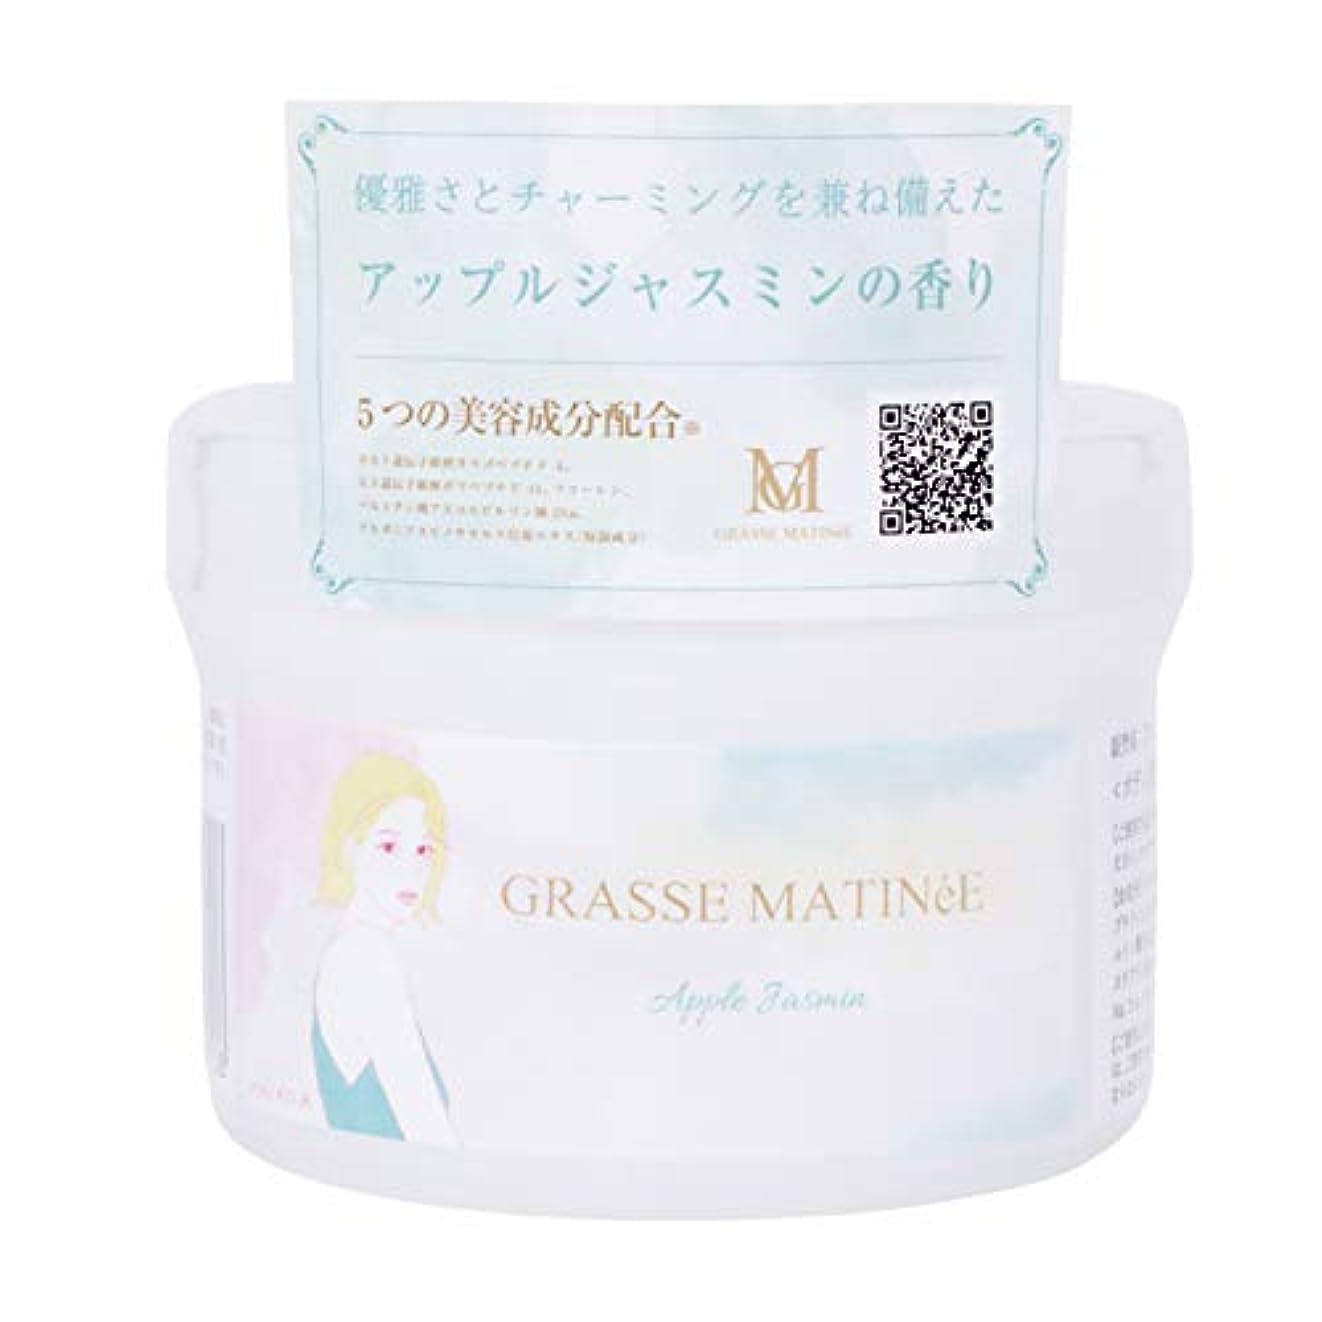 わかりやすいベーリング海峡お金グラスマティネ フレグランス ボディスクラブ アップルジャスミンの香り シュガータイプ